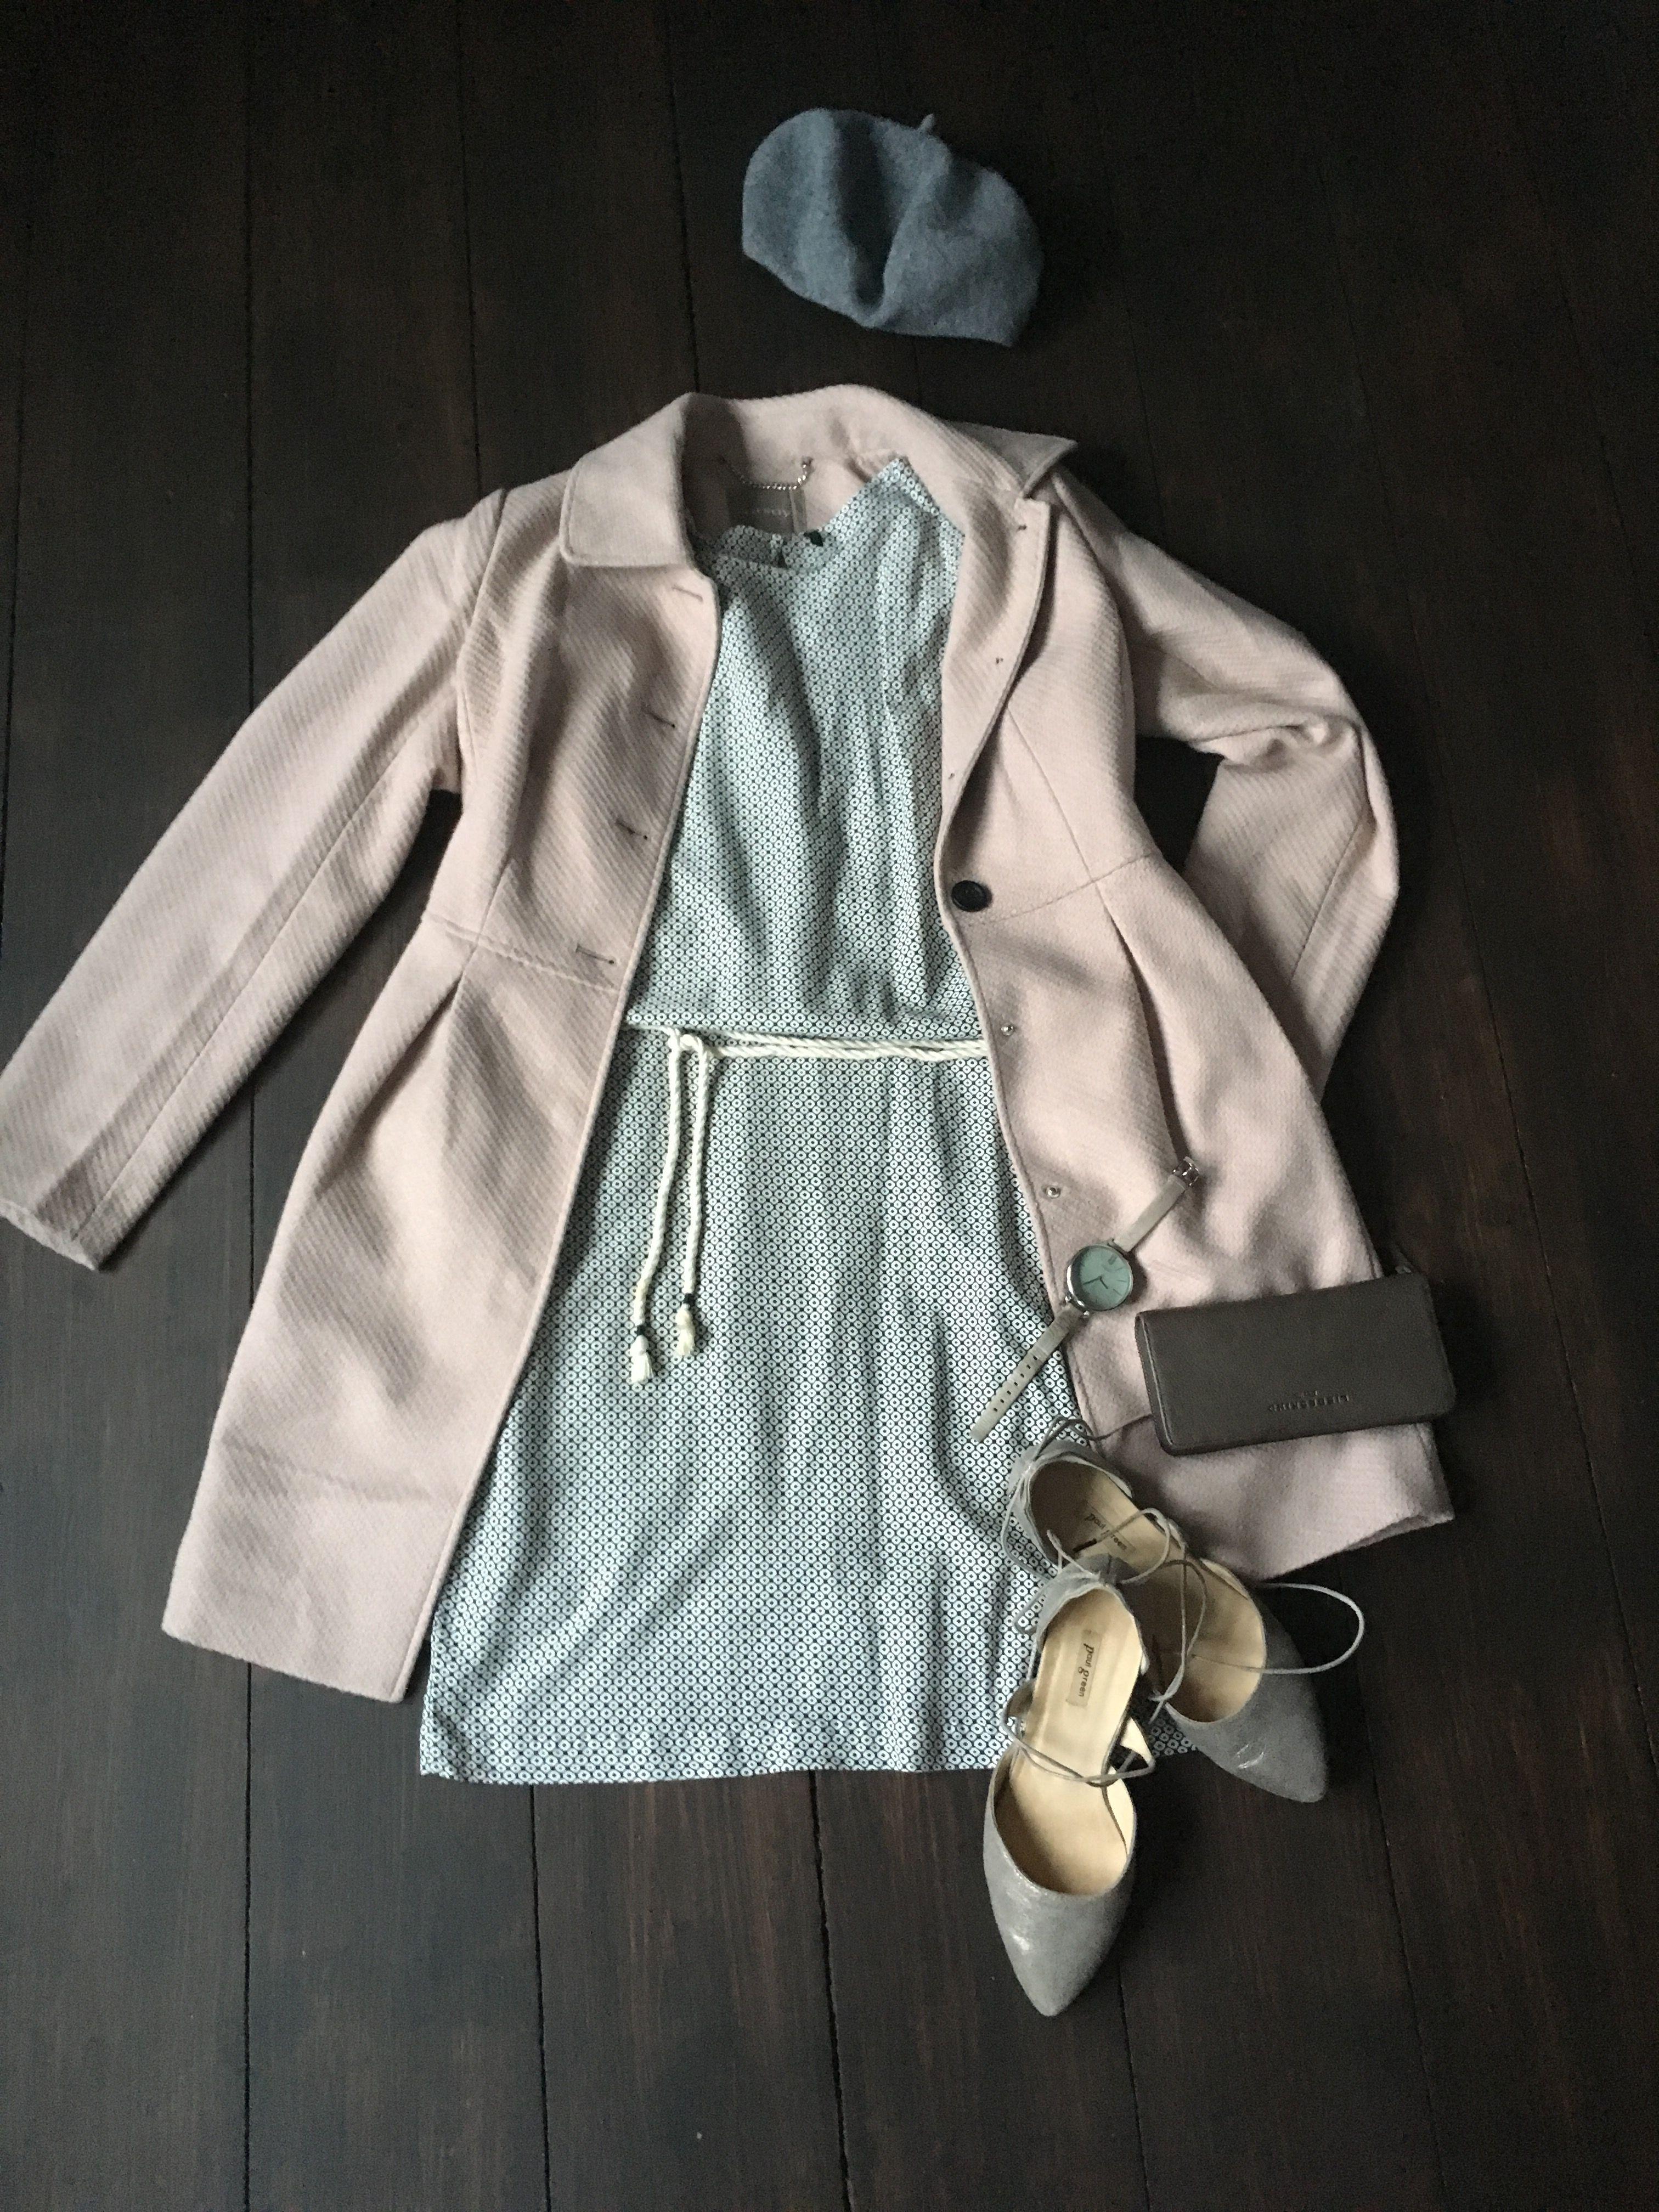 Hochwertig Benetton Kleid; Orsay Mantel; Paul Green Schuhe; Liebeskind  Geldbörse: Oozoo Uhr